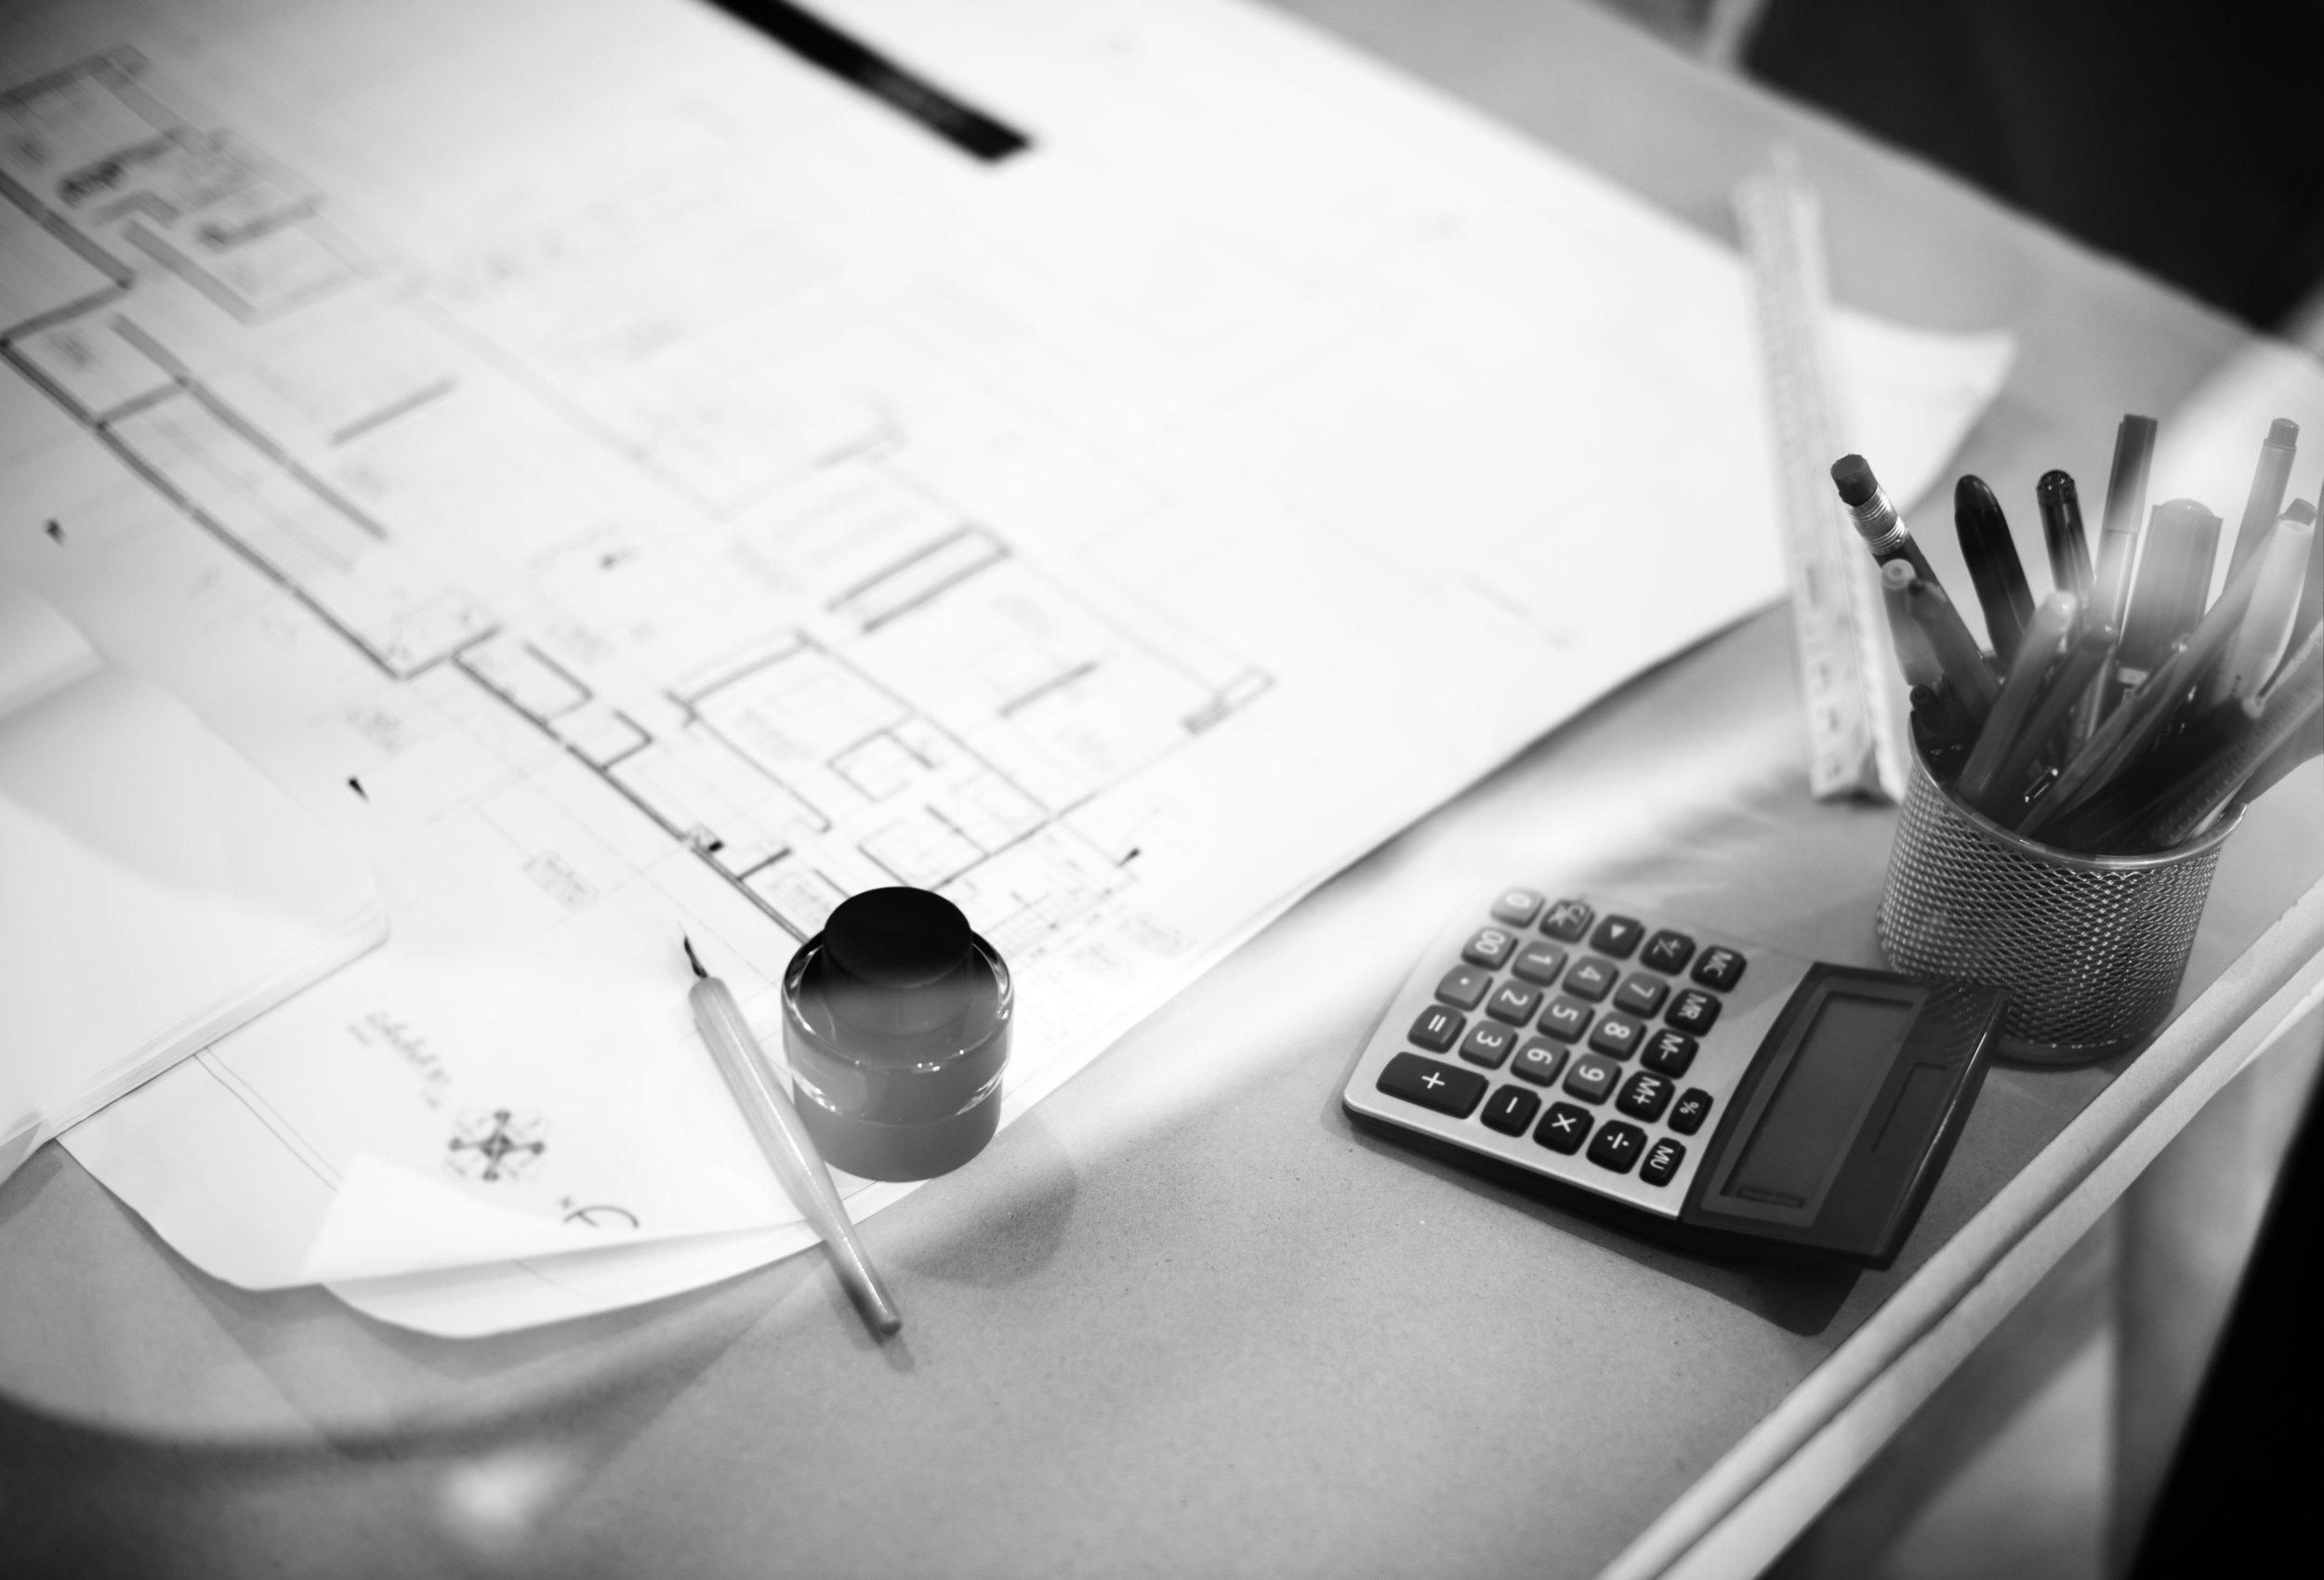 Bauplanung - Bei der Planung der Bauarbeiten und bei der Kommunikation mit den Behörden werden wir seit Beginn großzügig von Jakob Poppinger und Tobias Höllbacher unterstützt.